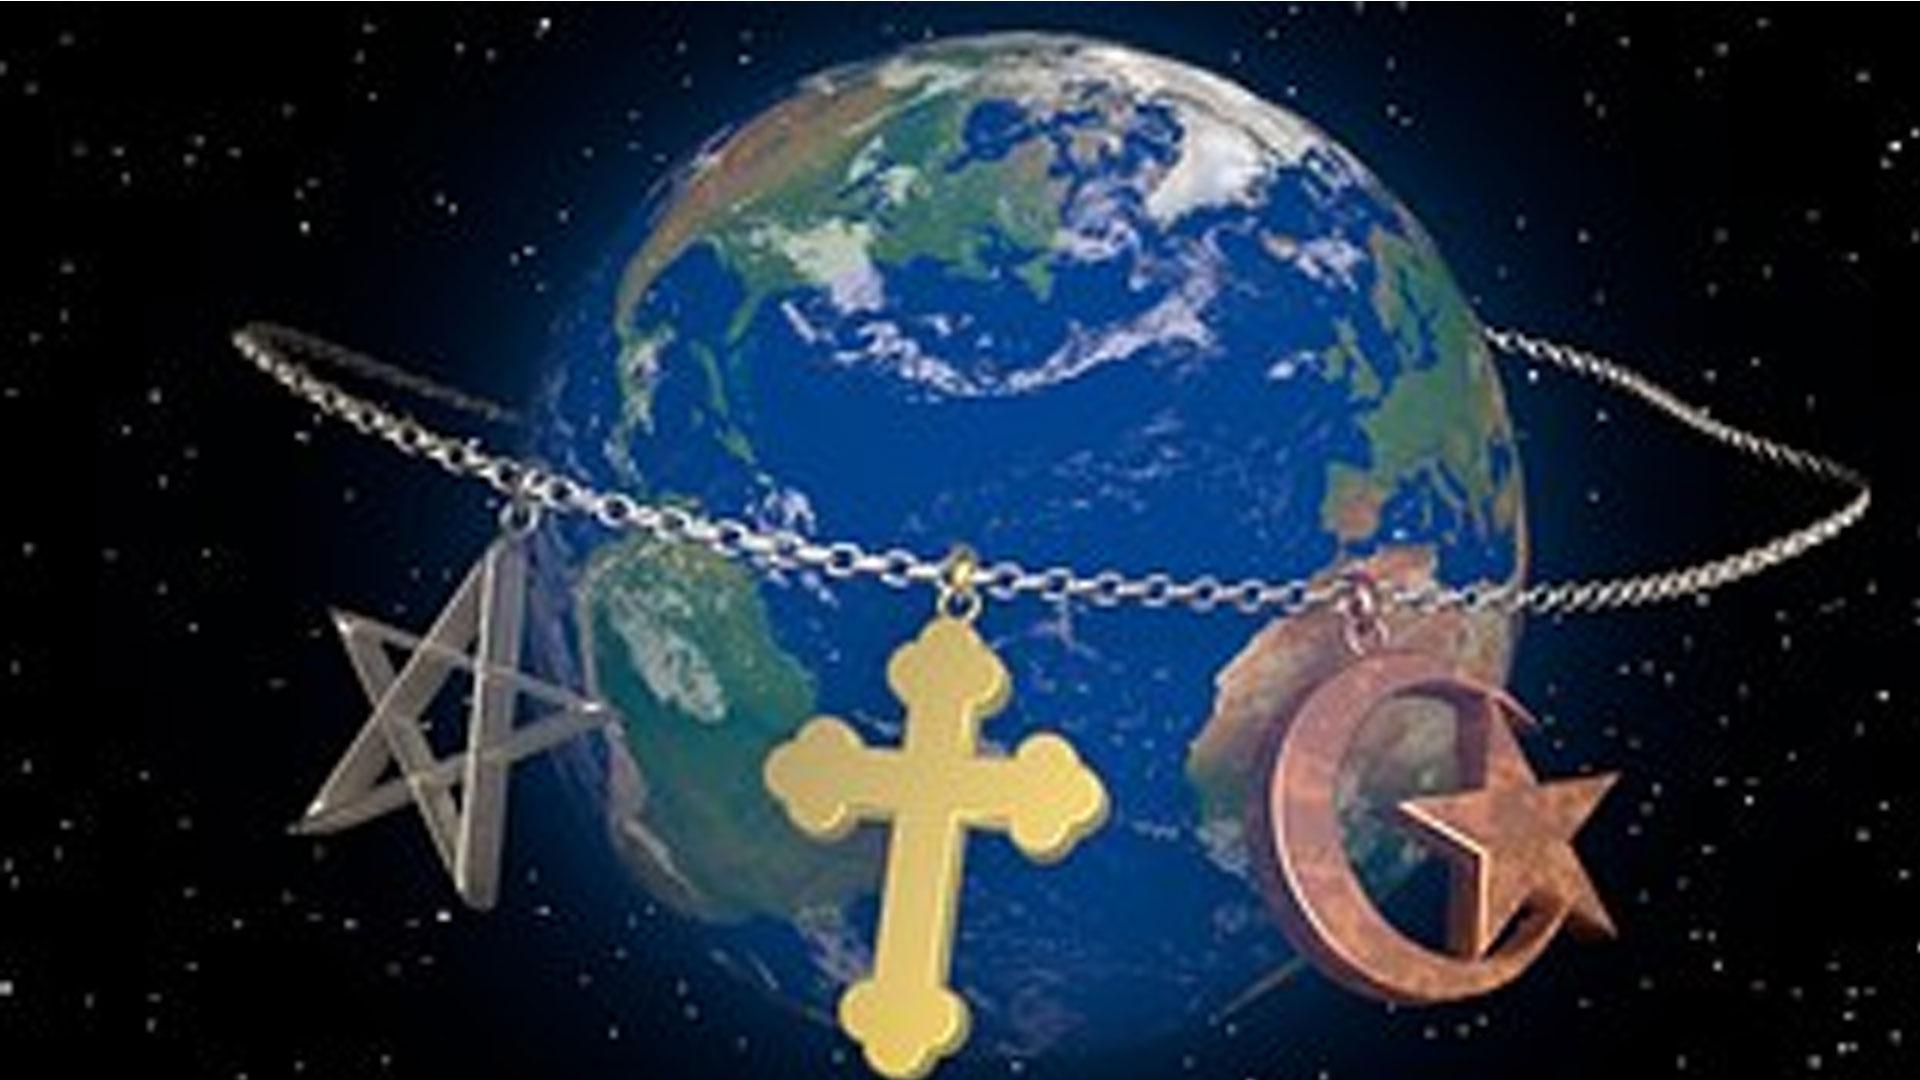 fi-que-creen-otras-religiones-acerca-de-dios